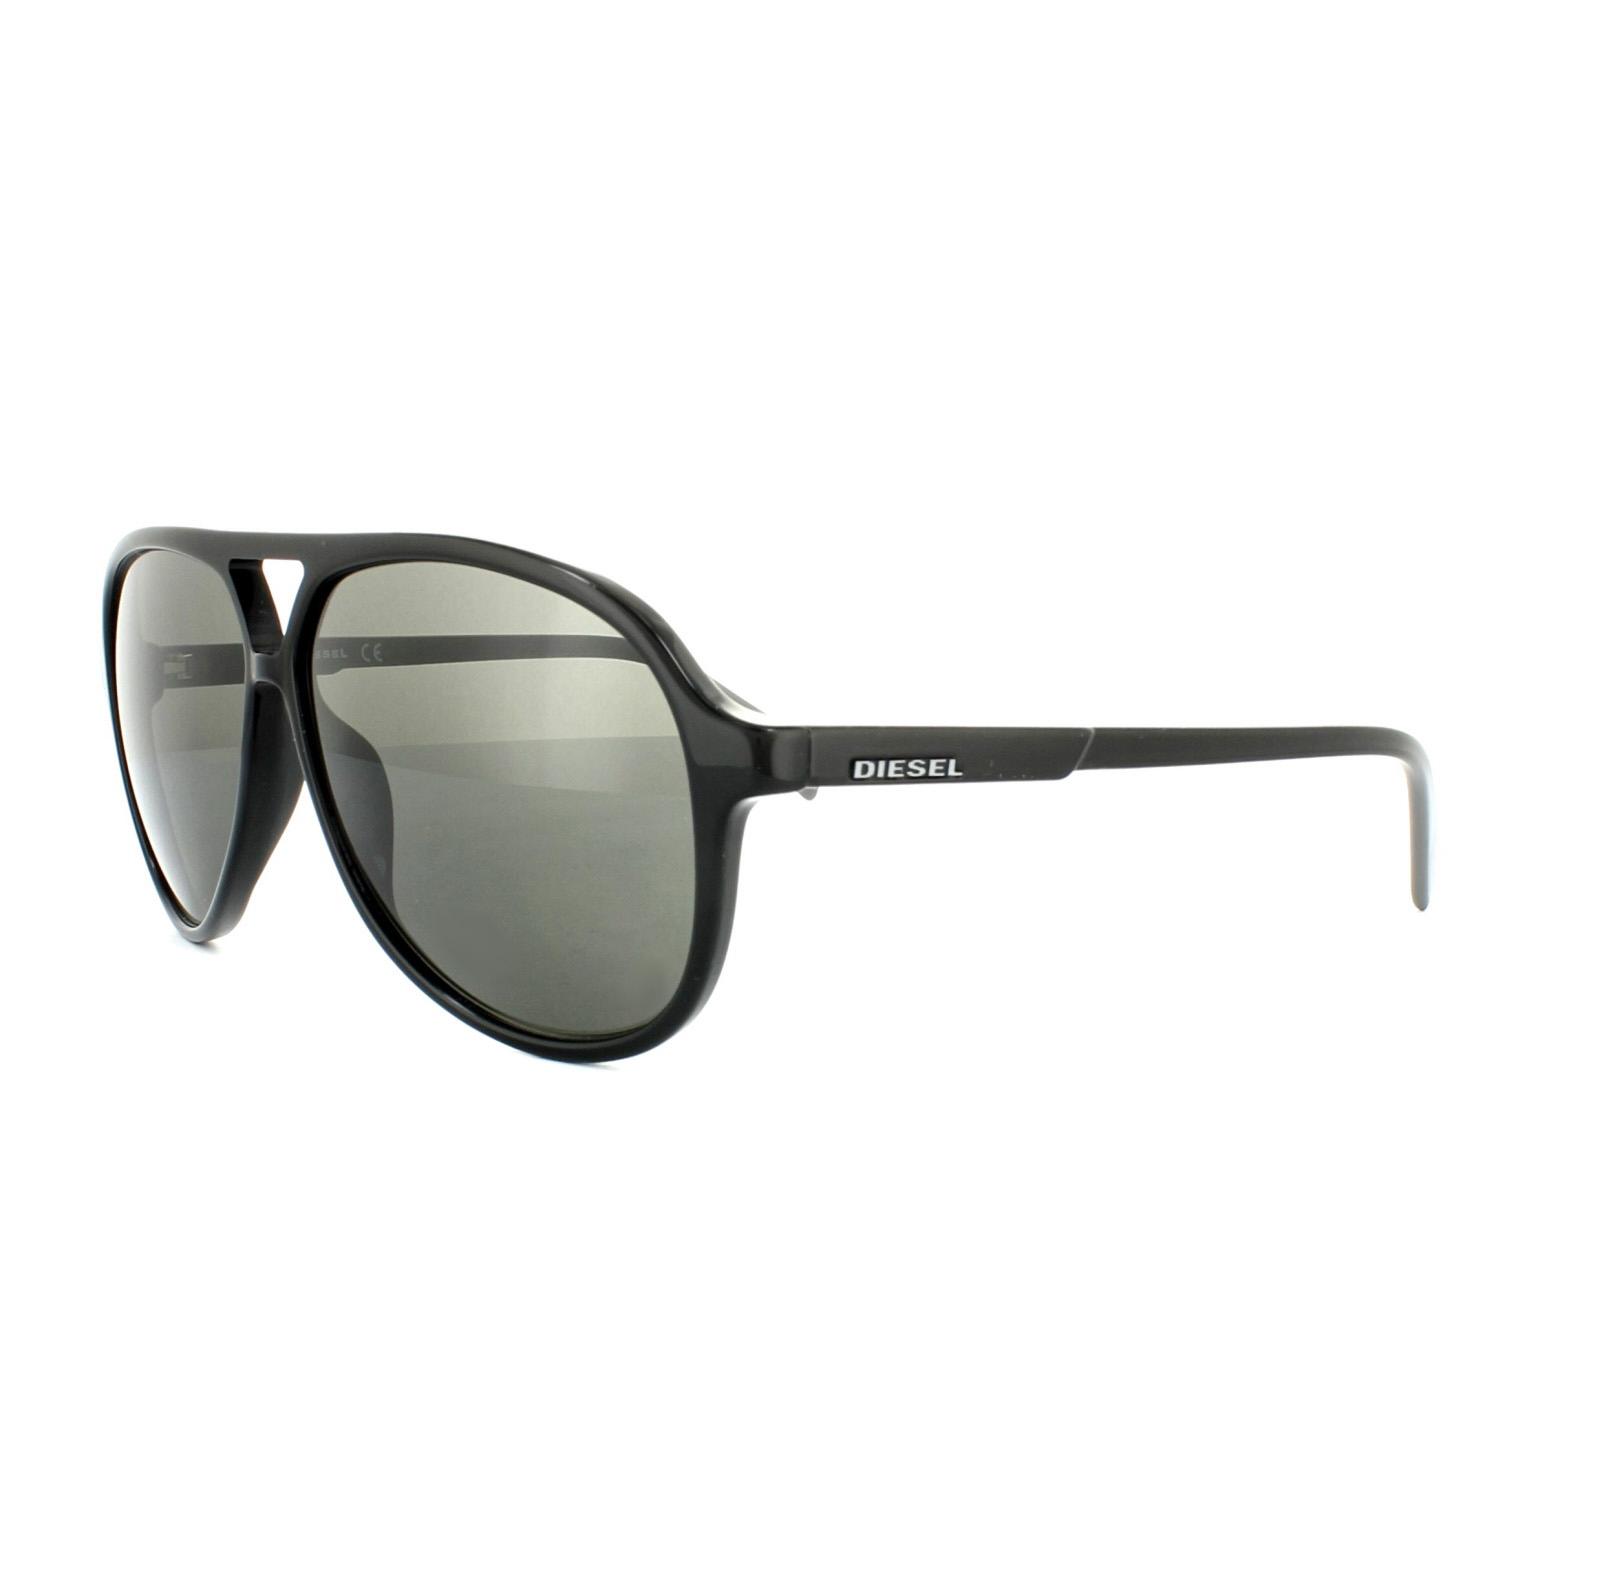 diesel lunettes de soleil dl0156 01q noir brillant vert miroir ebay. Black Bedroom Furniture Sets. Home Design Ideas